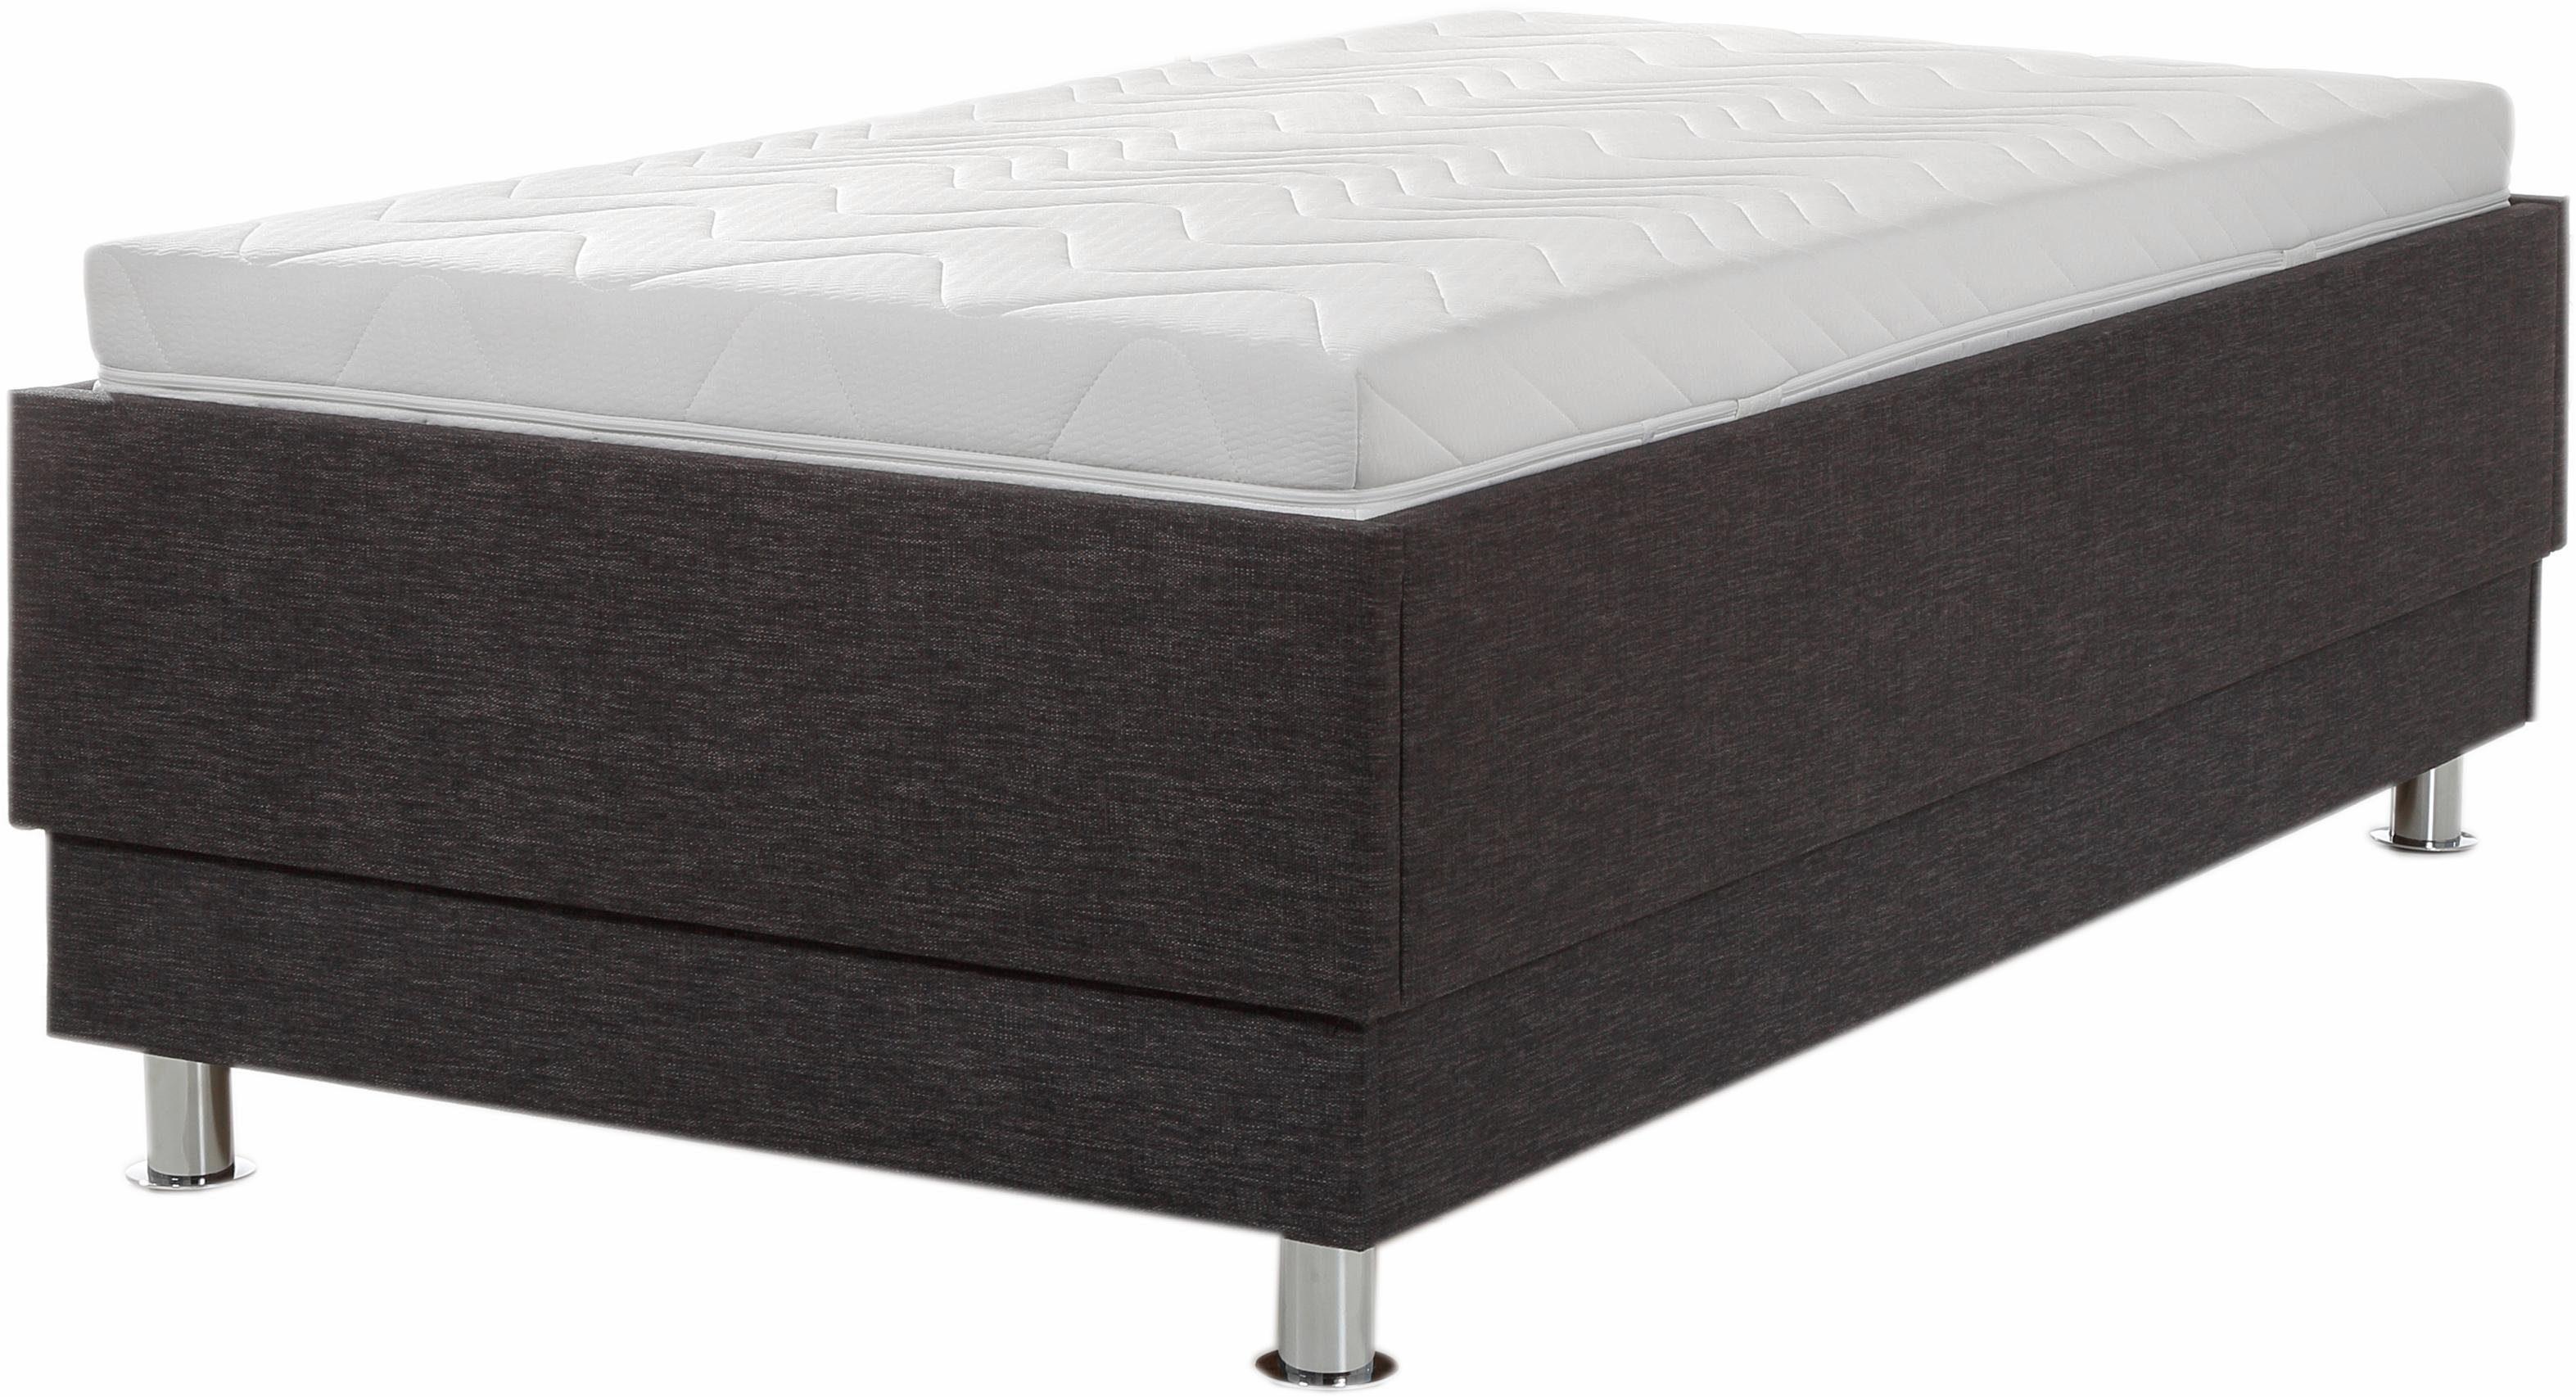 kopfteil bett polster kopfteil bett polster disselkamp. Black Bedroom Furniture Sets. Home Design Ideas